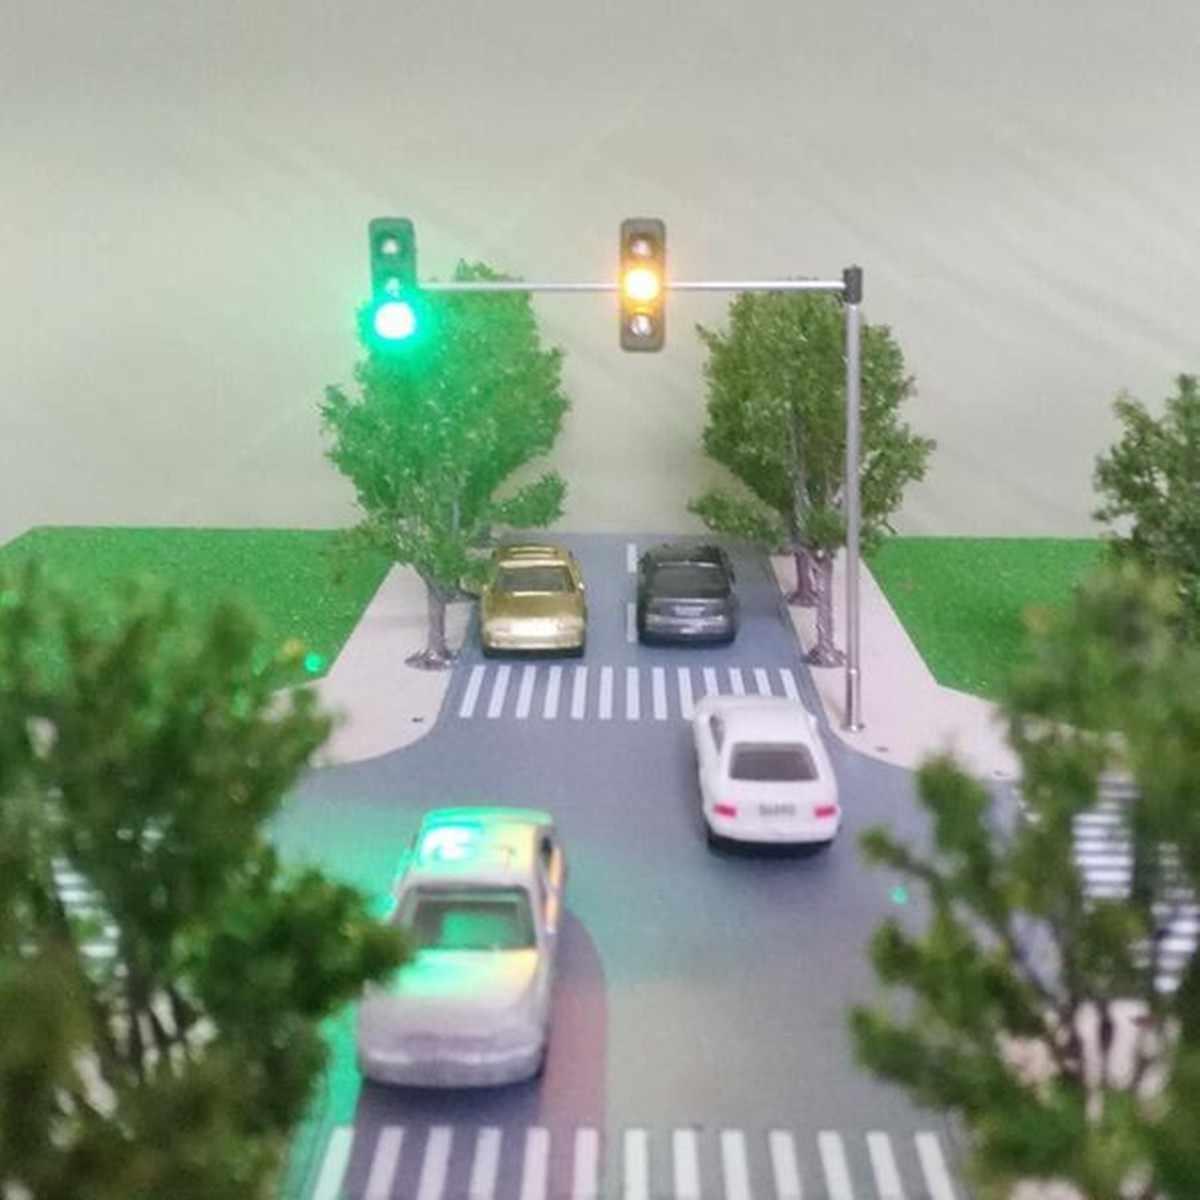 1 шт. DIY весы строительный песок модель стола HO/OO светофор светодиодный Модель Масштаб железная дорога Миниатюрные